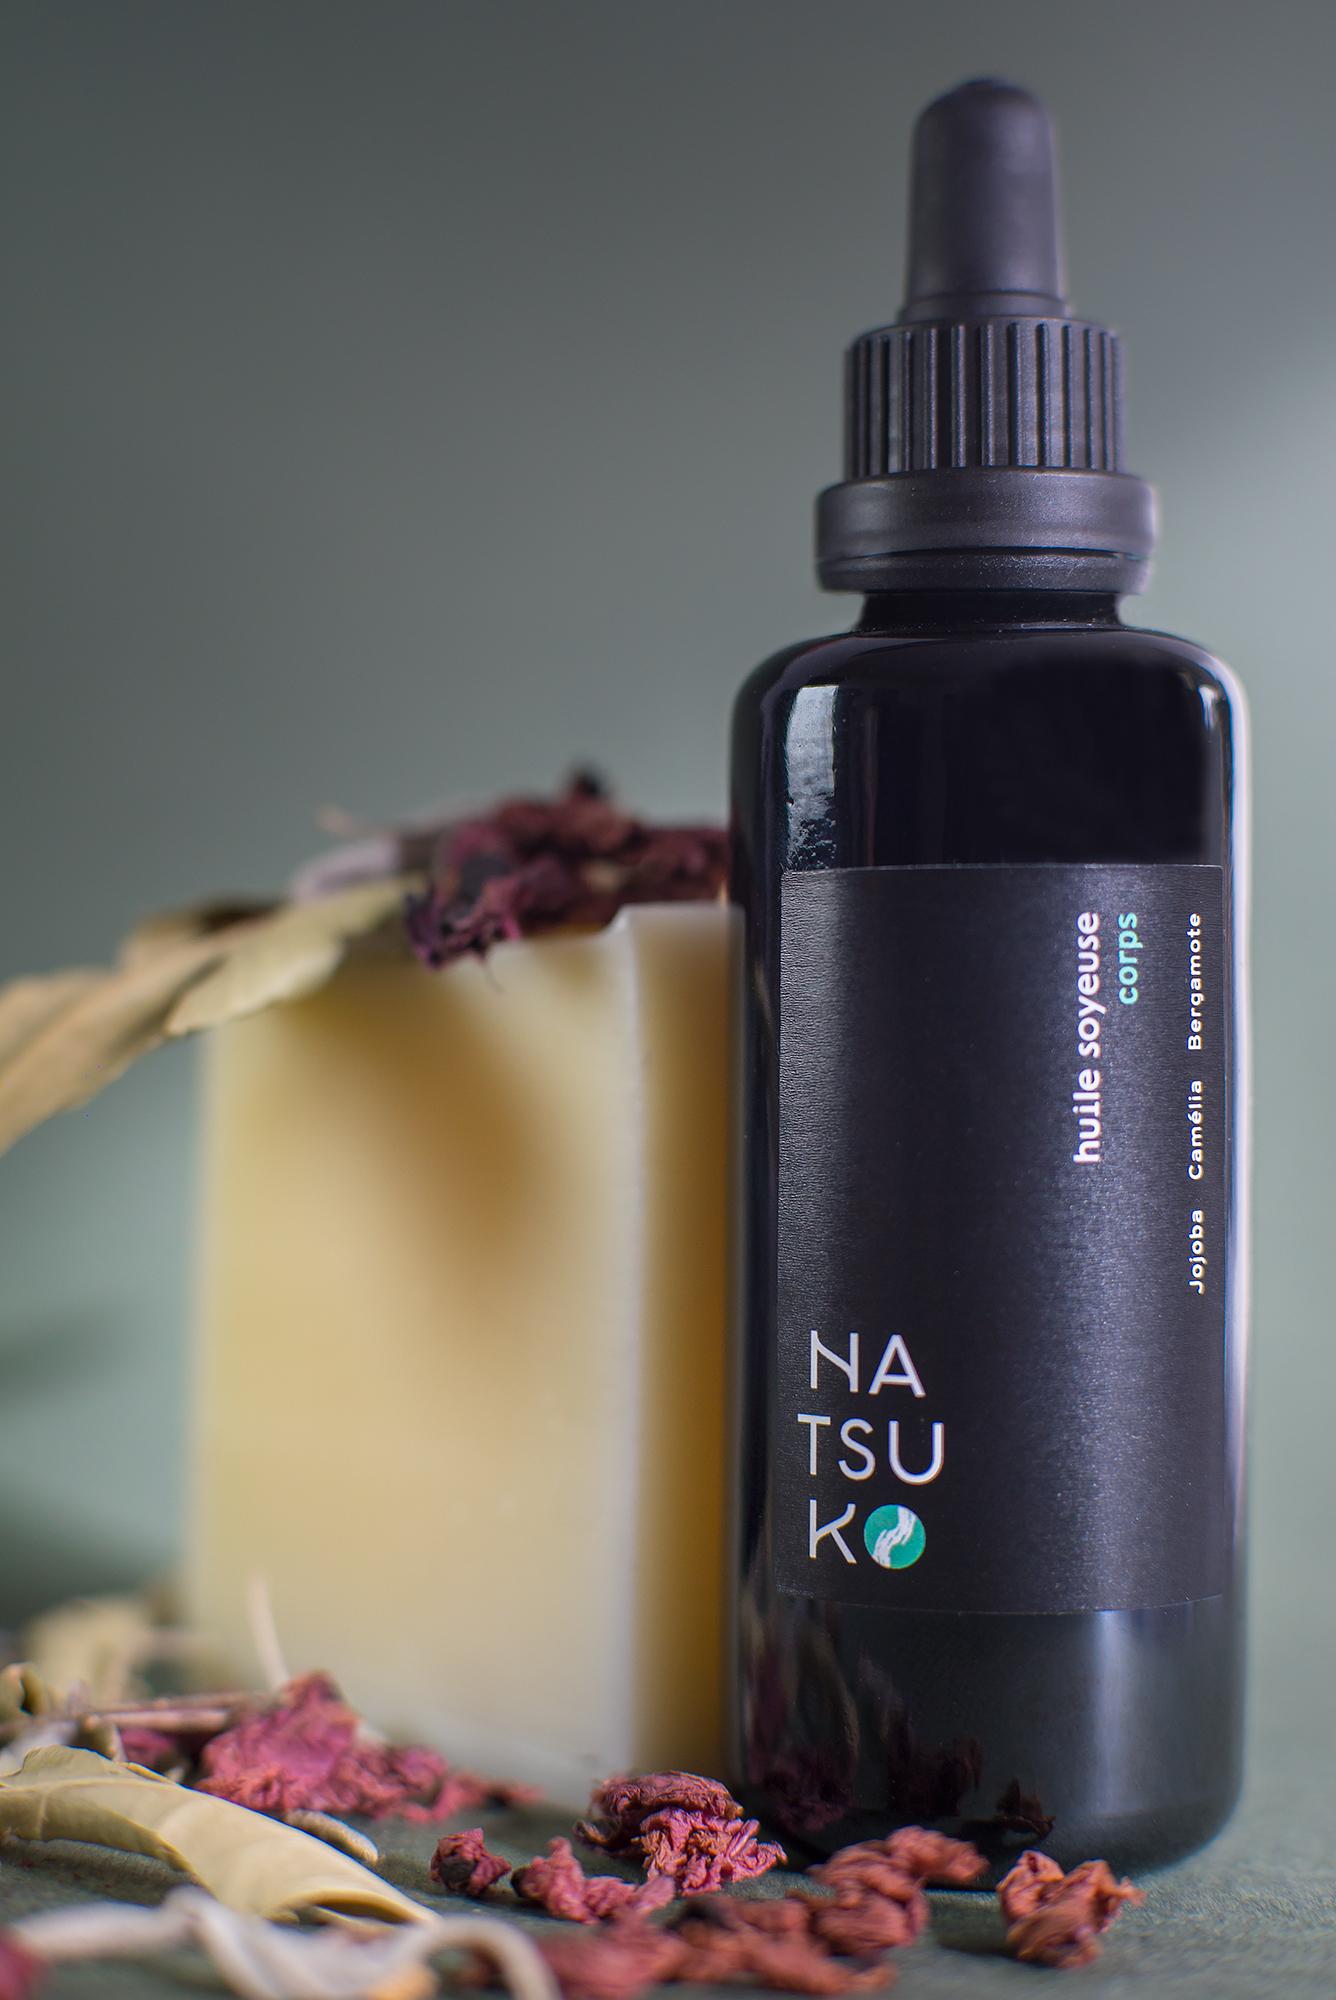 photo d'un flacon d'huiles essentielles et d'un savon dans un décors fleuri